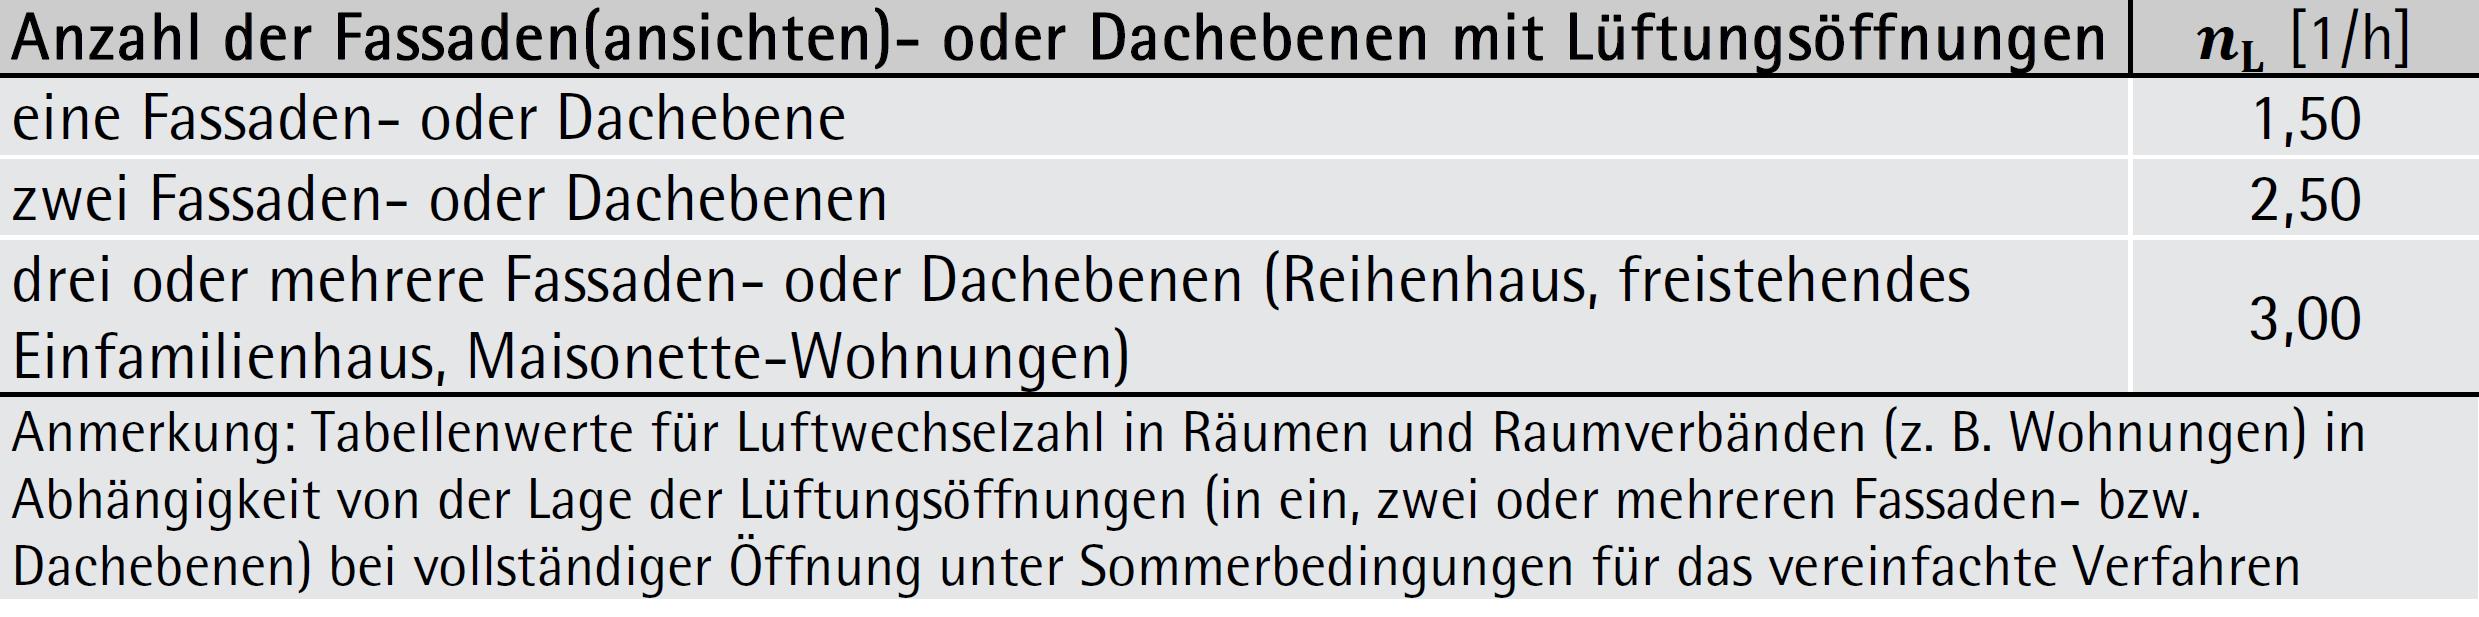 Anzunehmende Luftwechselzahl in Räumen und Raumverbänden (z. B. Wohnungen) in Abhängigkeit von der Lage der Lüftungsöffnungen (in ein, zwei oder mehreren Fassaden- bzw. Dachebenen) bei vollständiger Öffnung unter Sommerbedingungen für das vereinfachte Verfahren